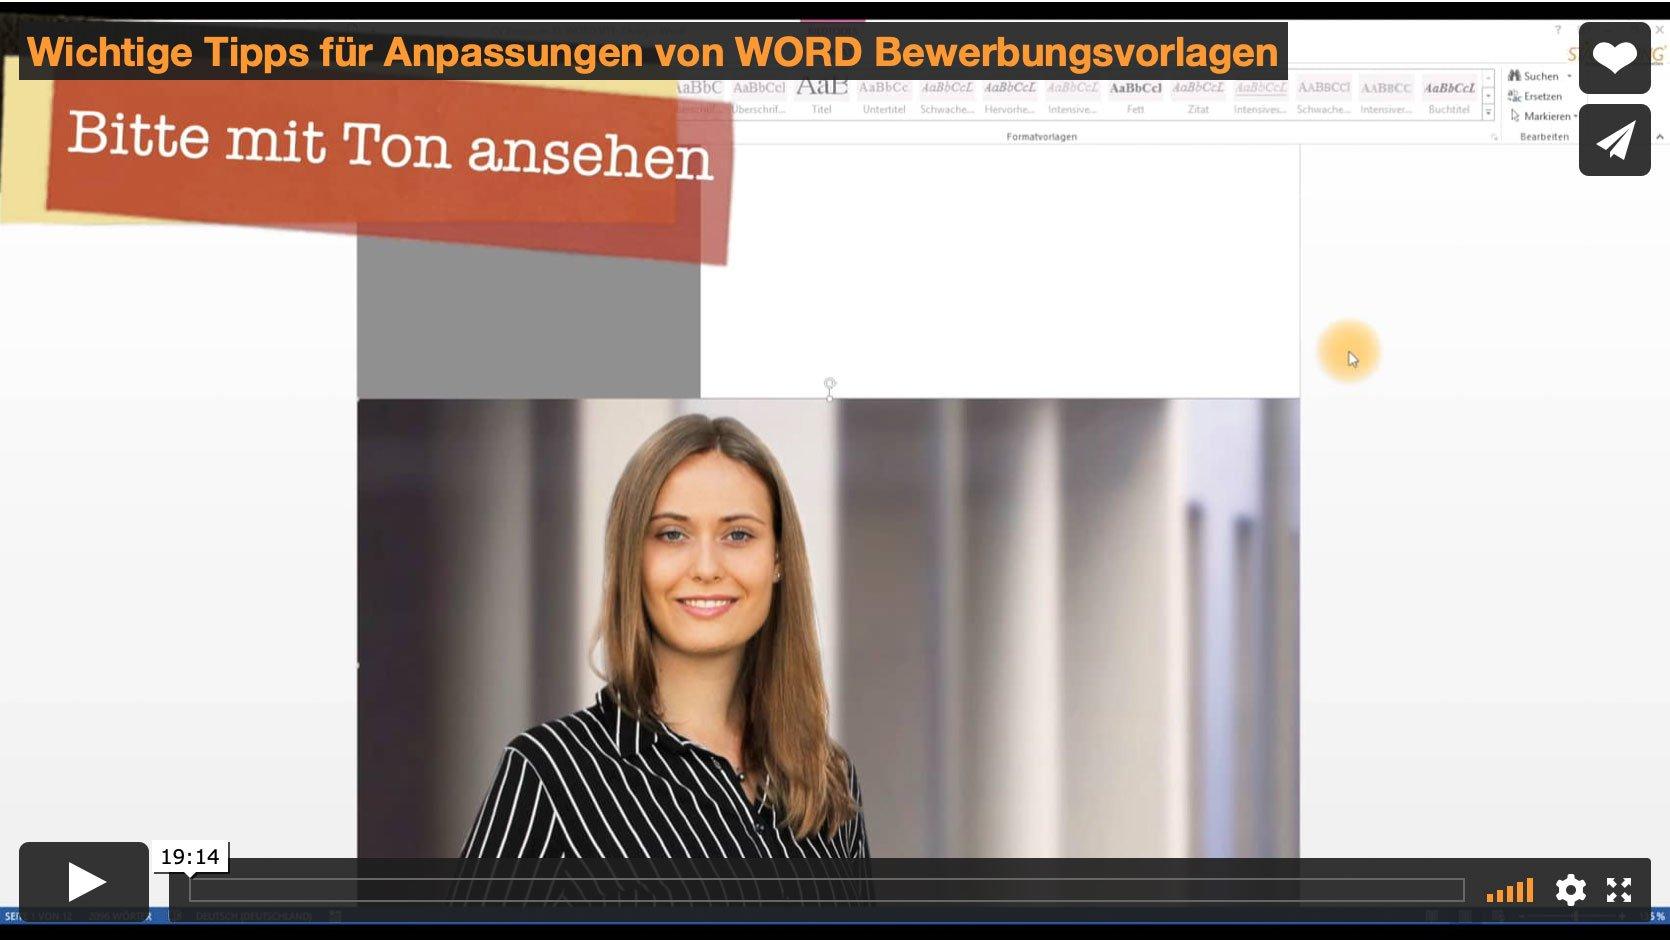 Video-Anleitung: Perfekte Bewerbungen mit WORD gestalten Image